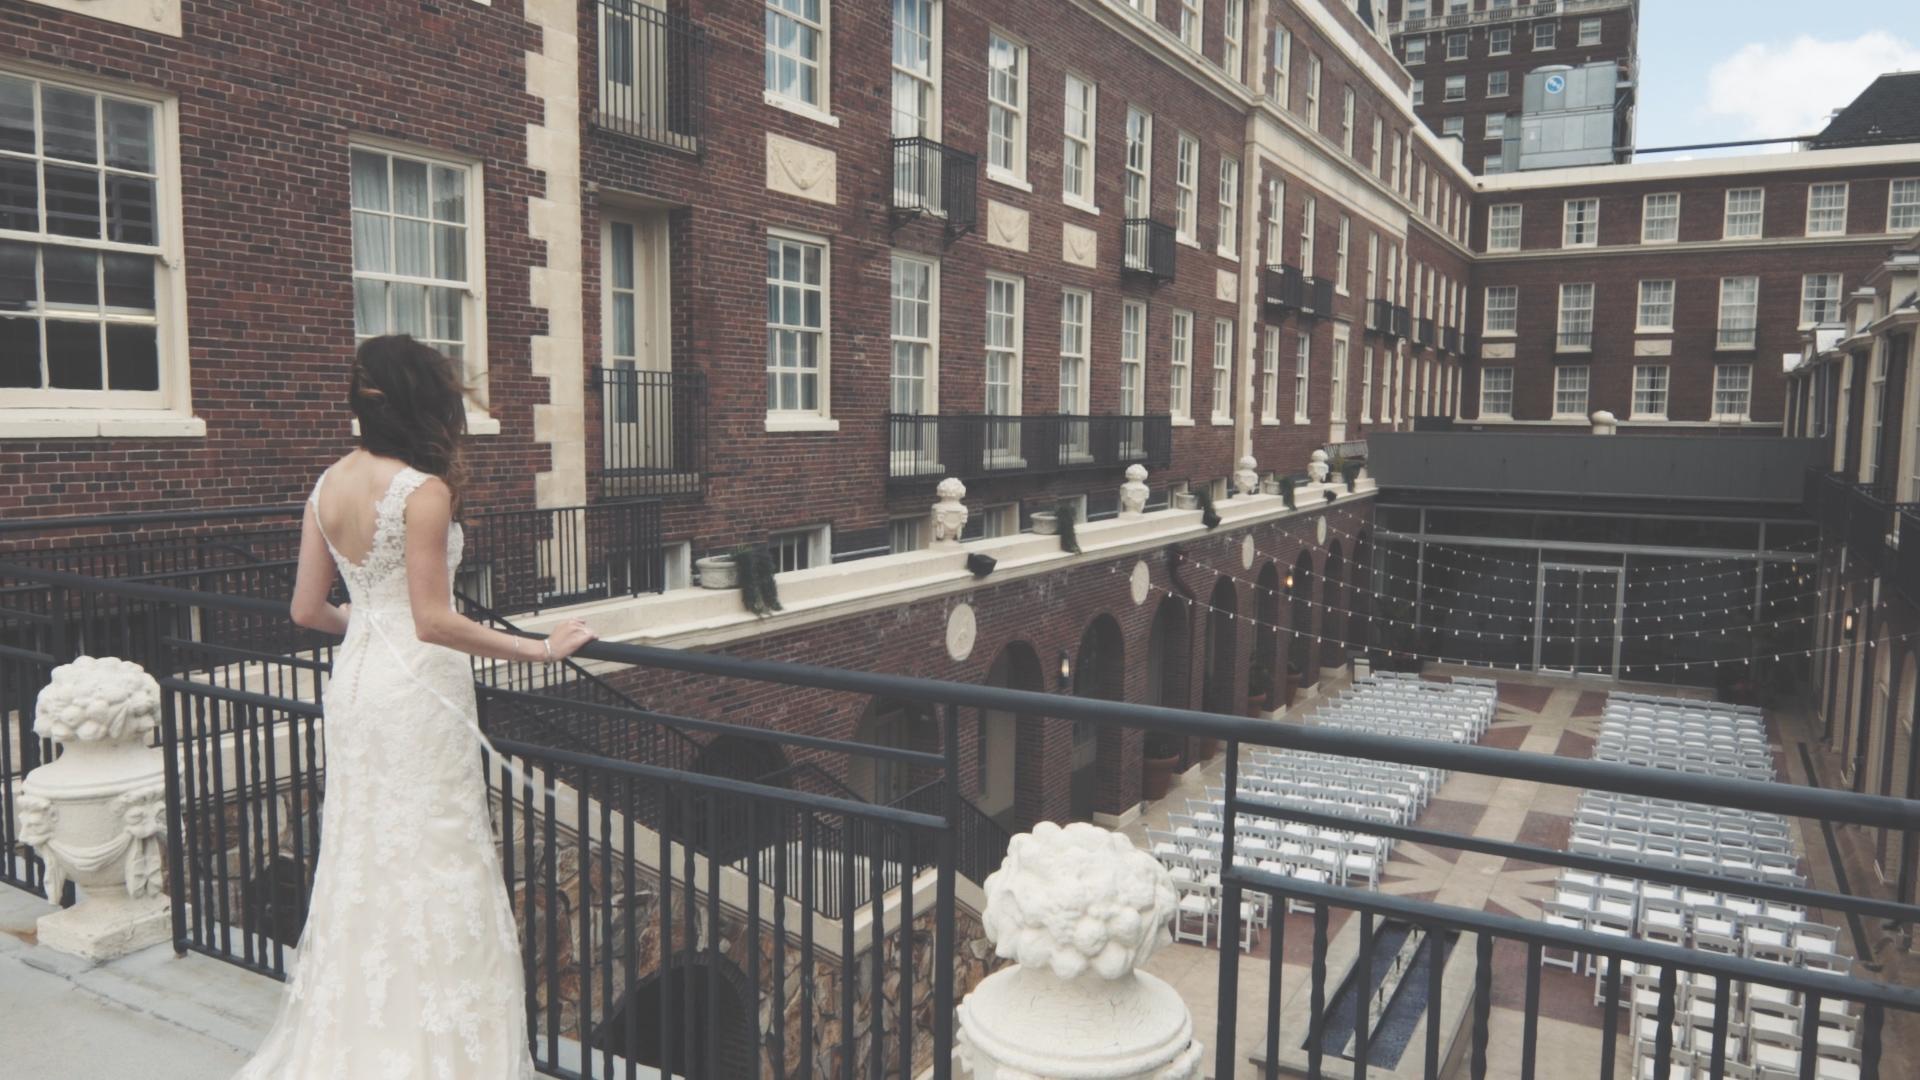 Brandi Balcony.jpg